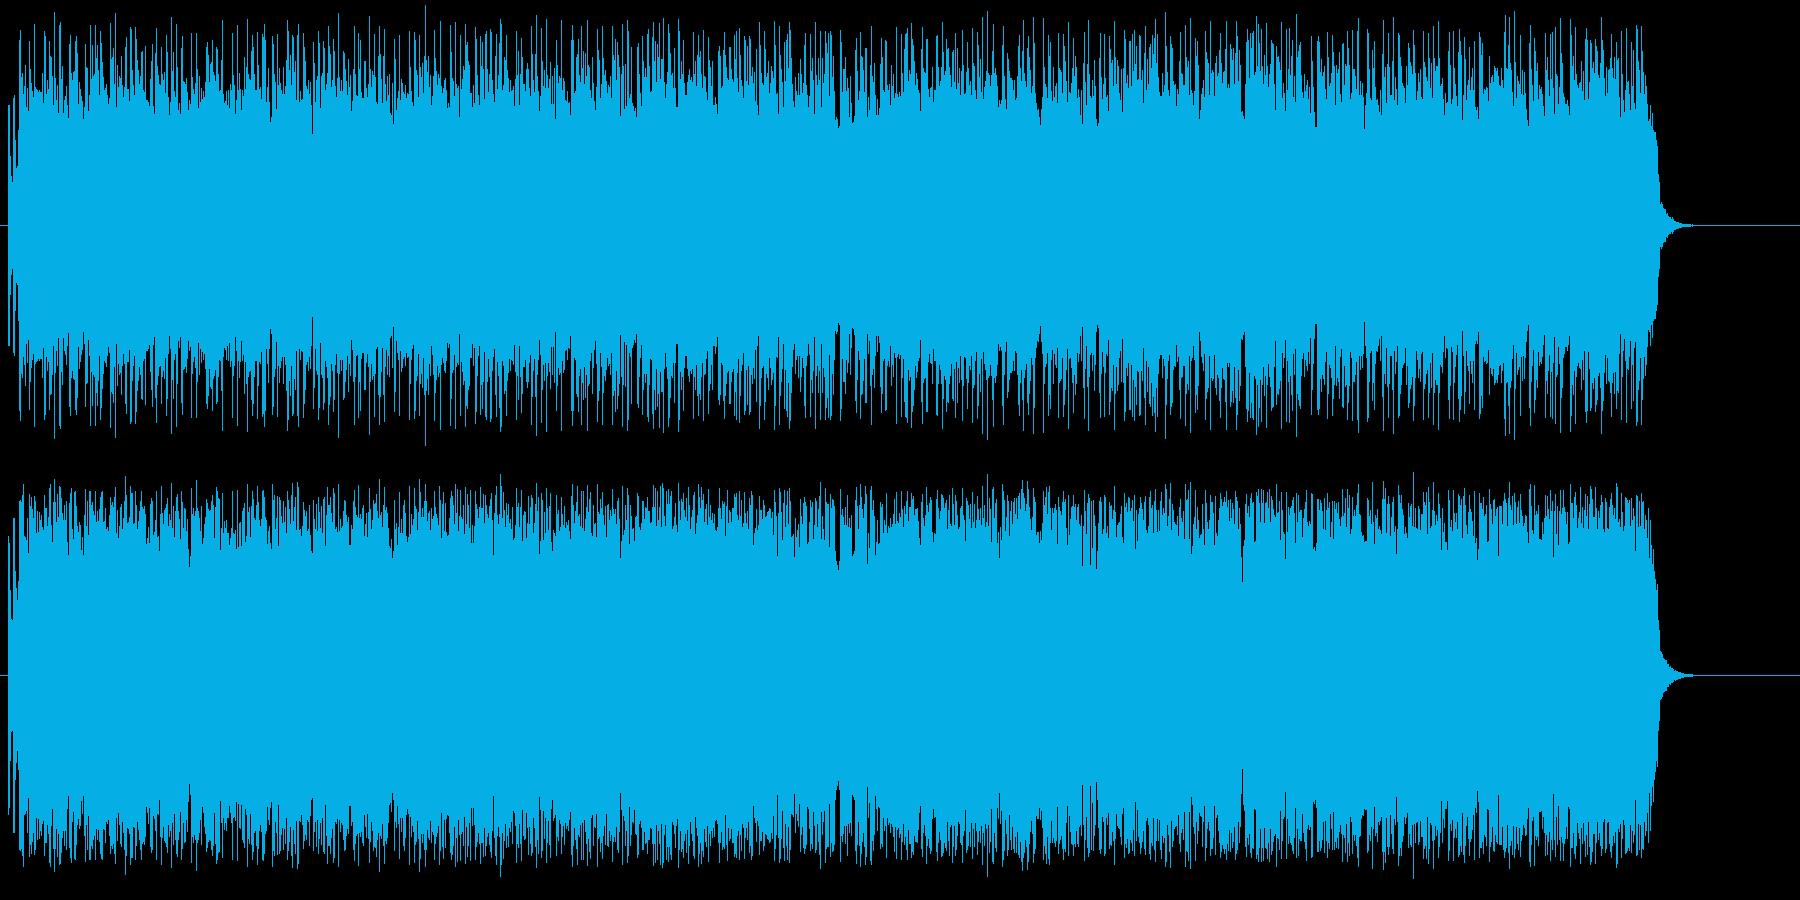 ライブ感覚のうなるギターのオープニングの再生済みの波形